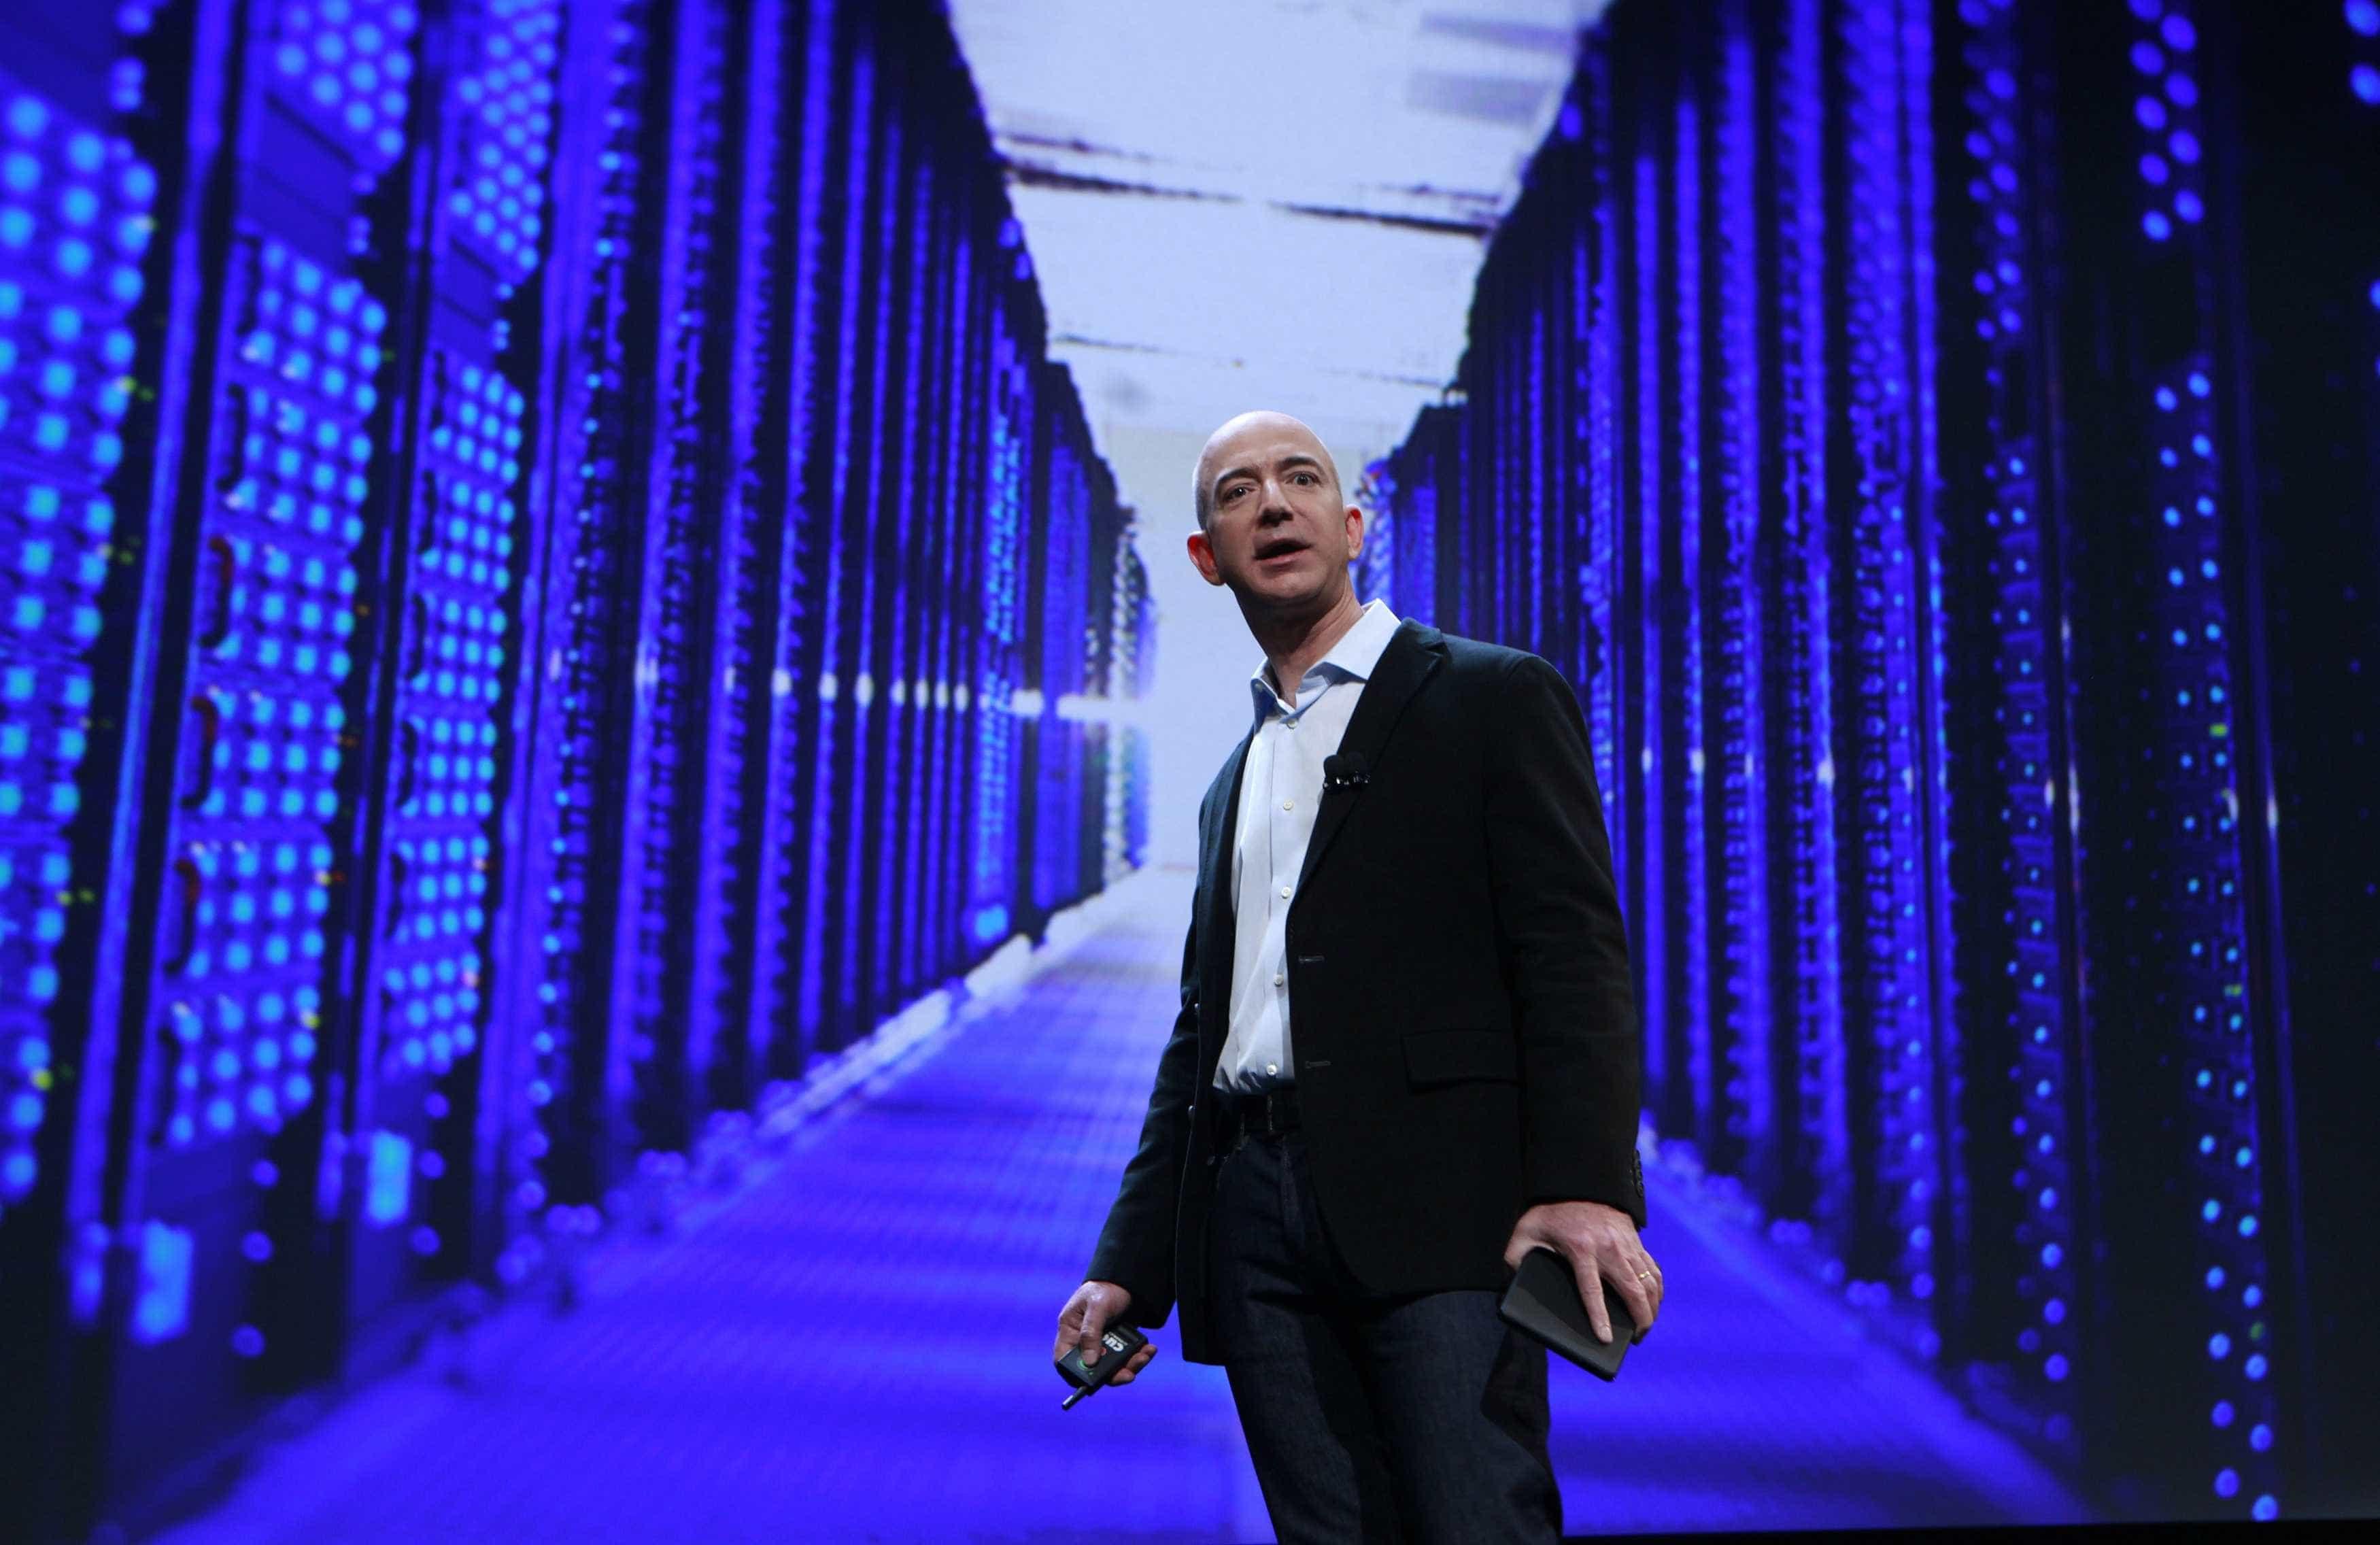 National Enquirer vai investigar acusação de chantagem do CEO da Amazon